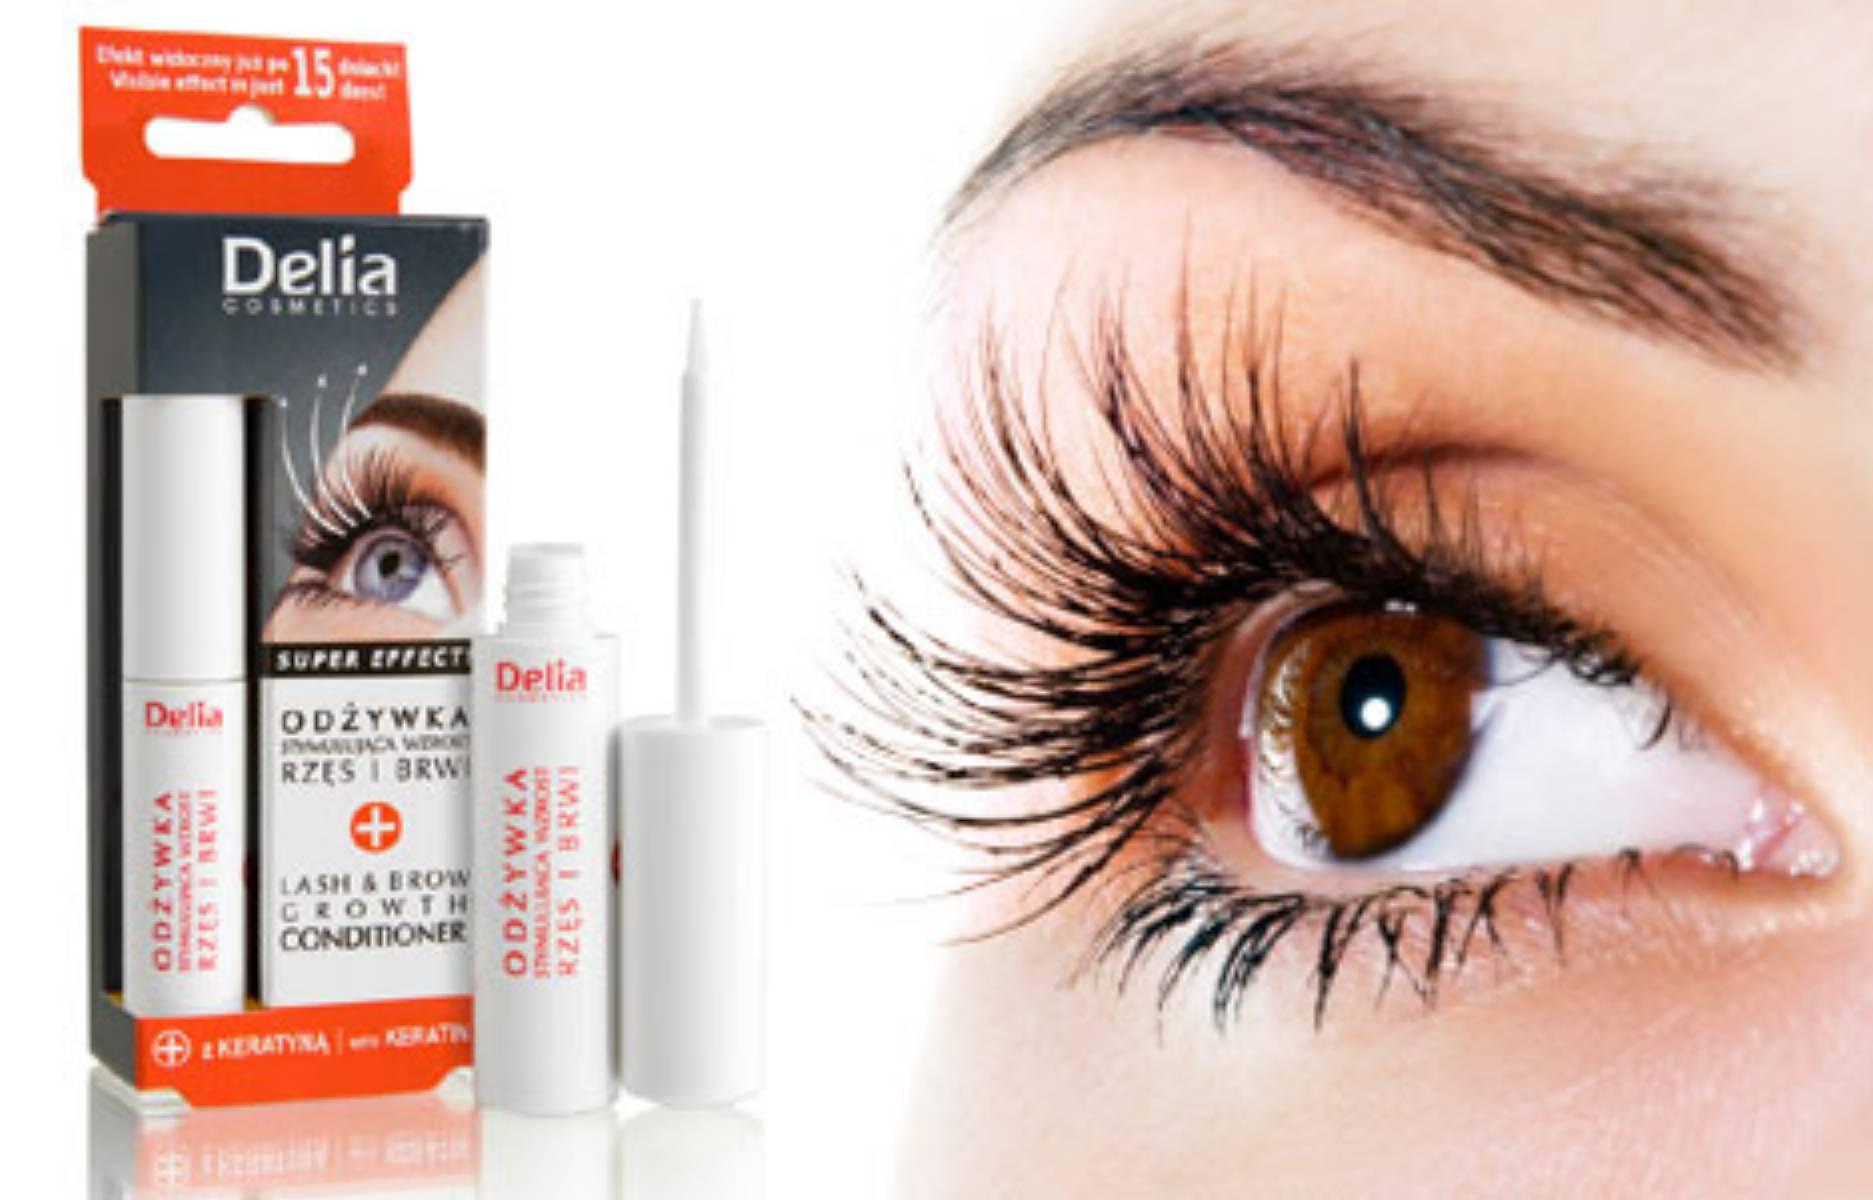 Odzywka Delia Cosmetics